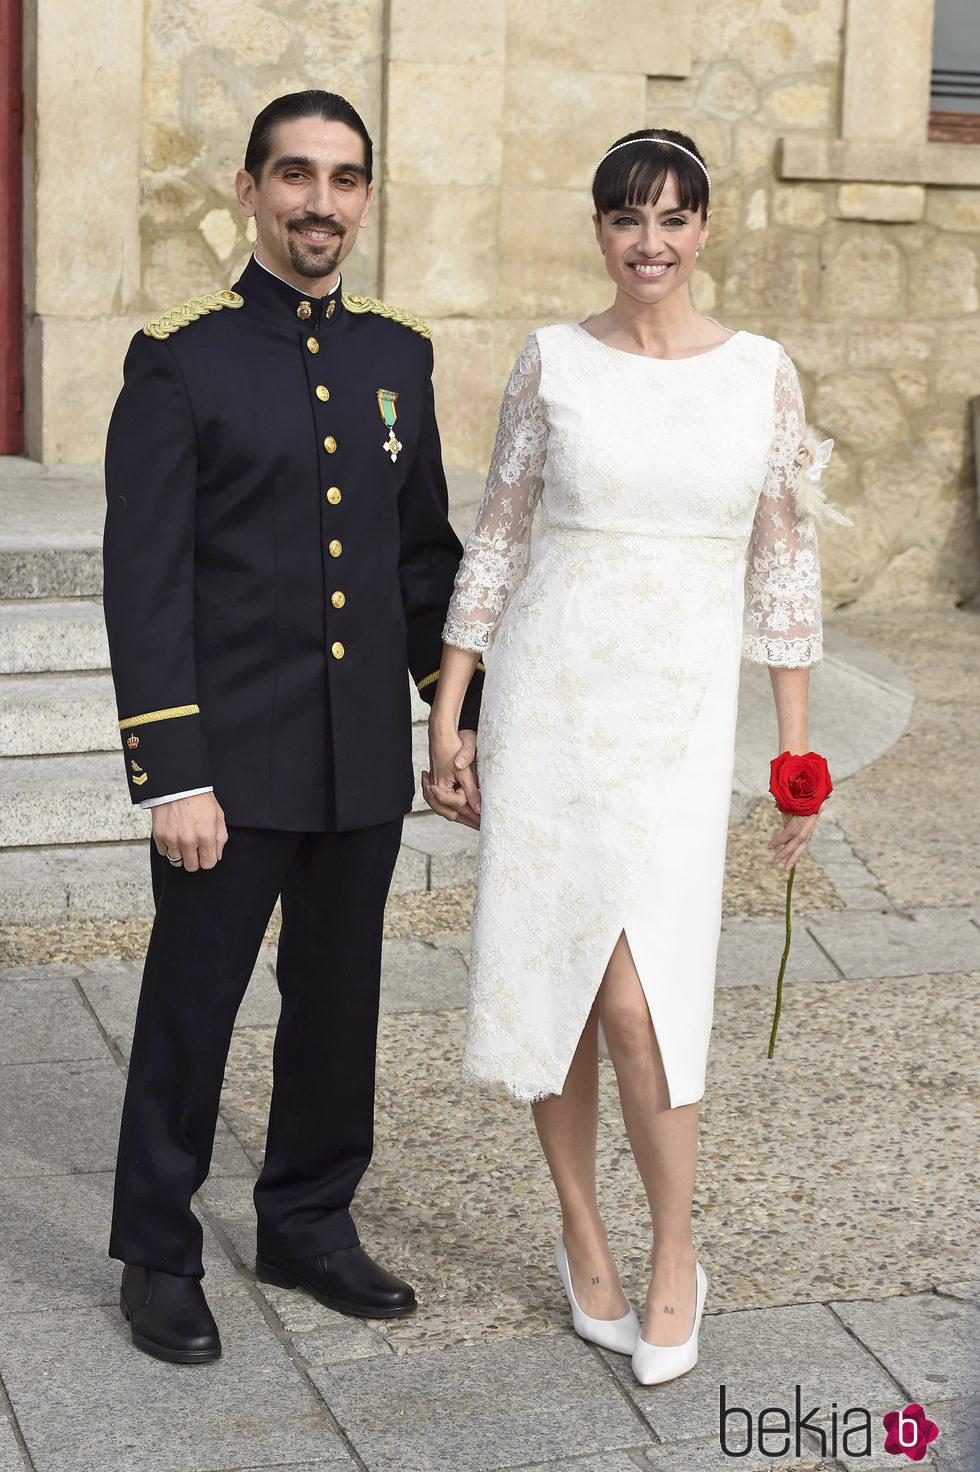 Beatriz Rico y Rubén Ramírez el día de su boda